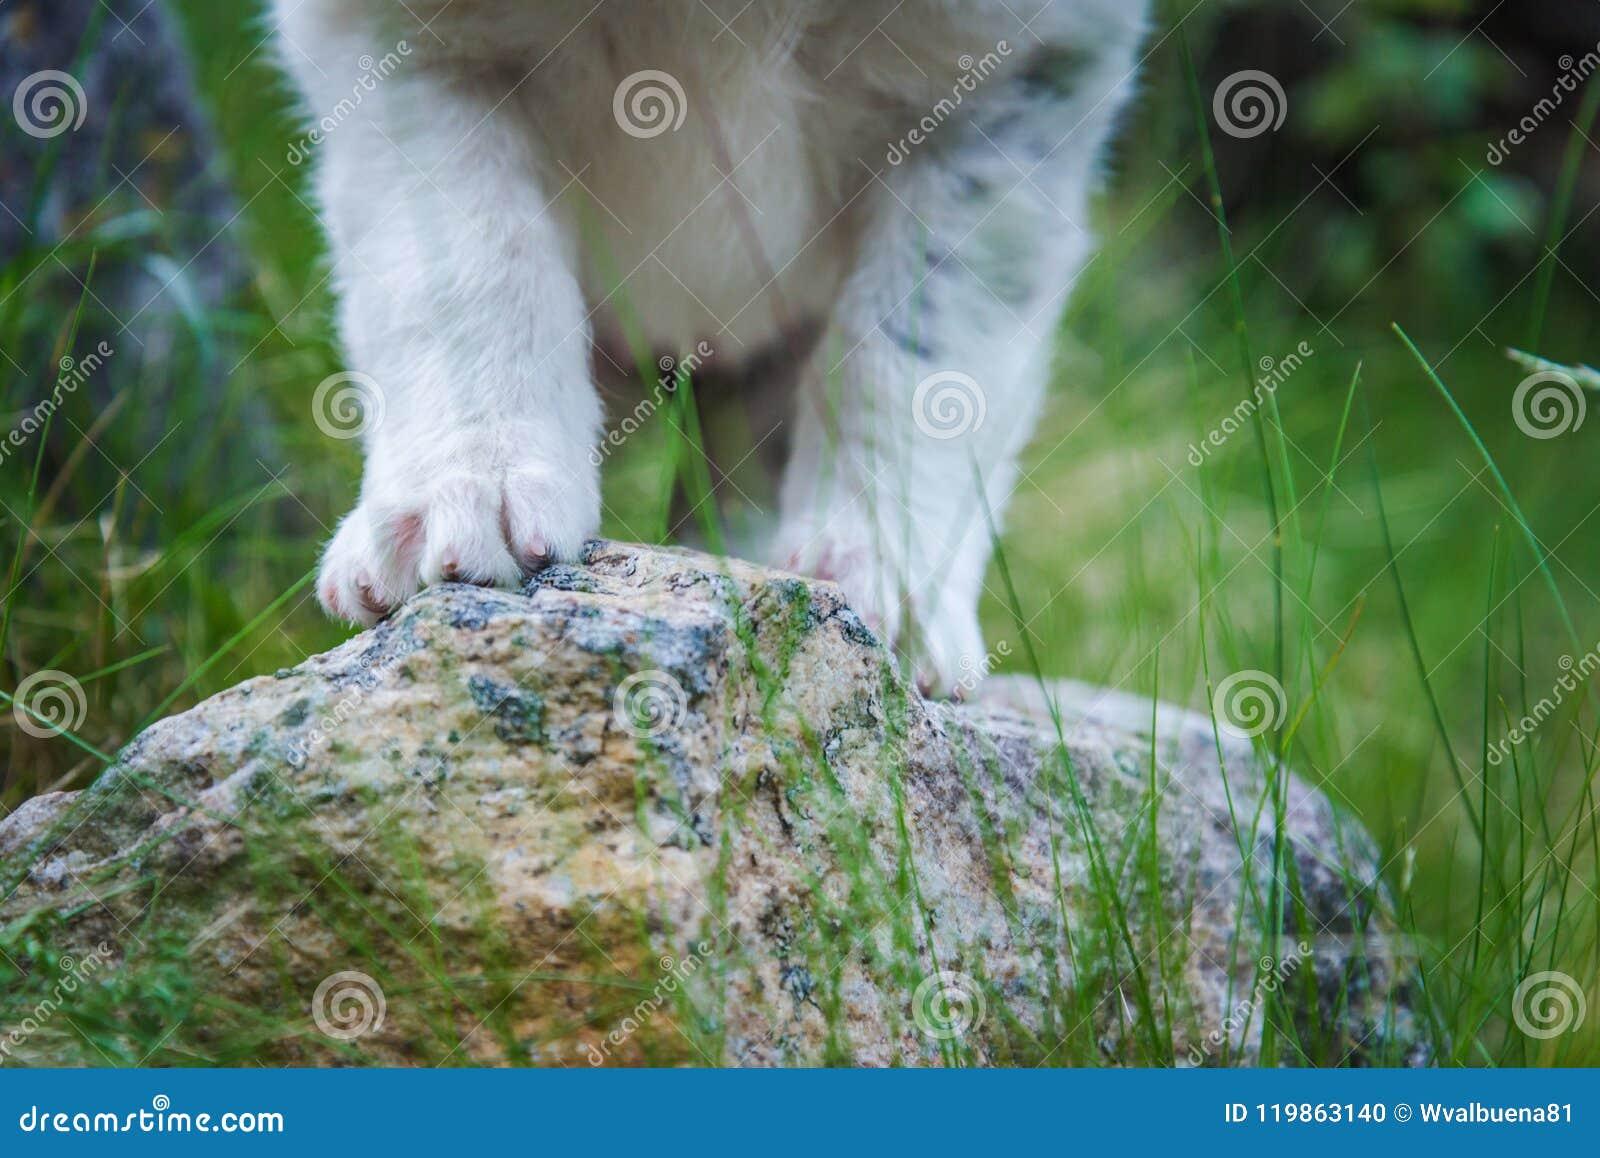 微小的爪子小狗护羊狗